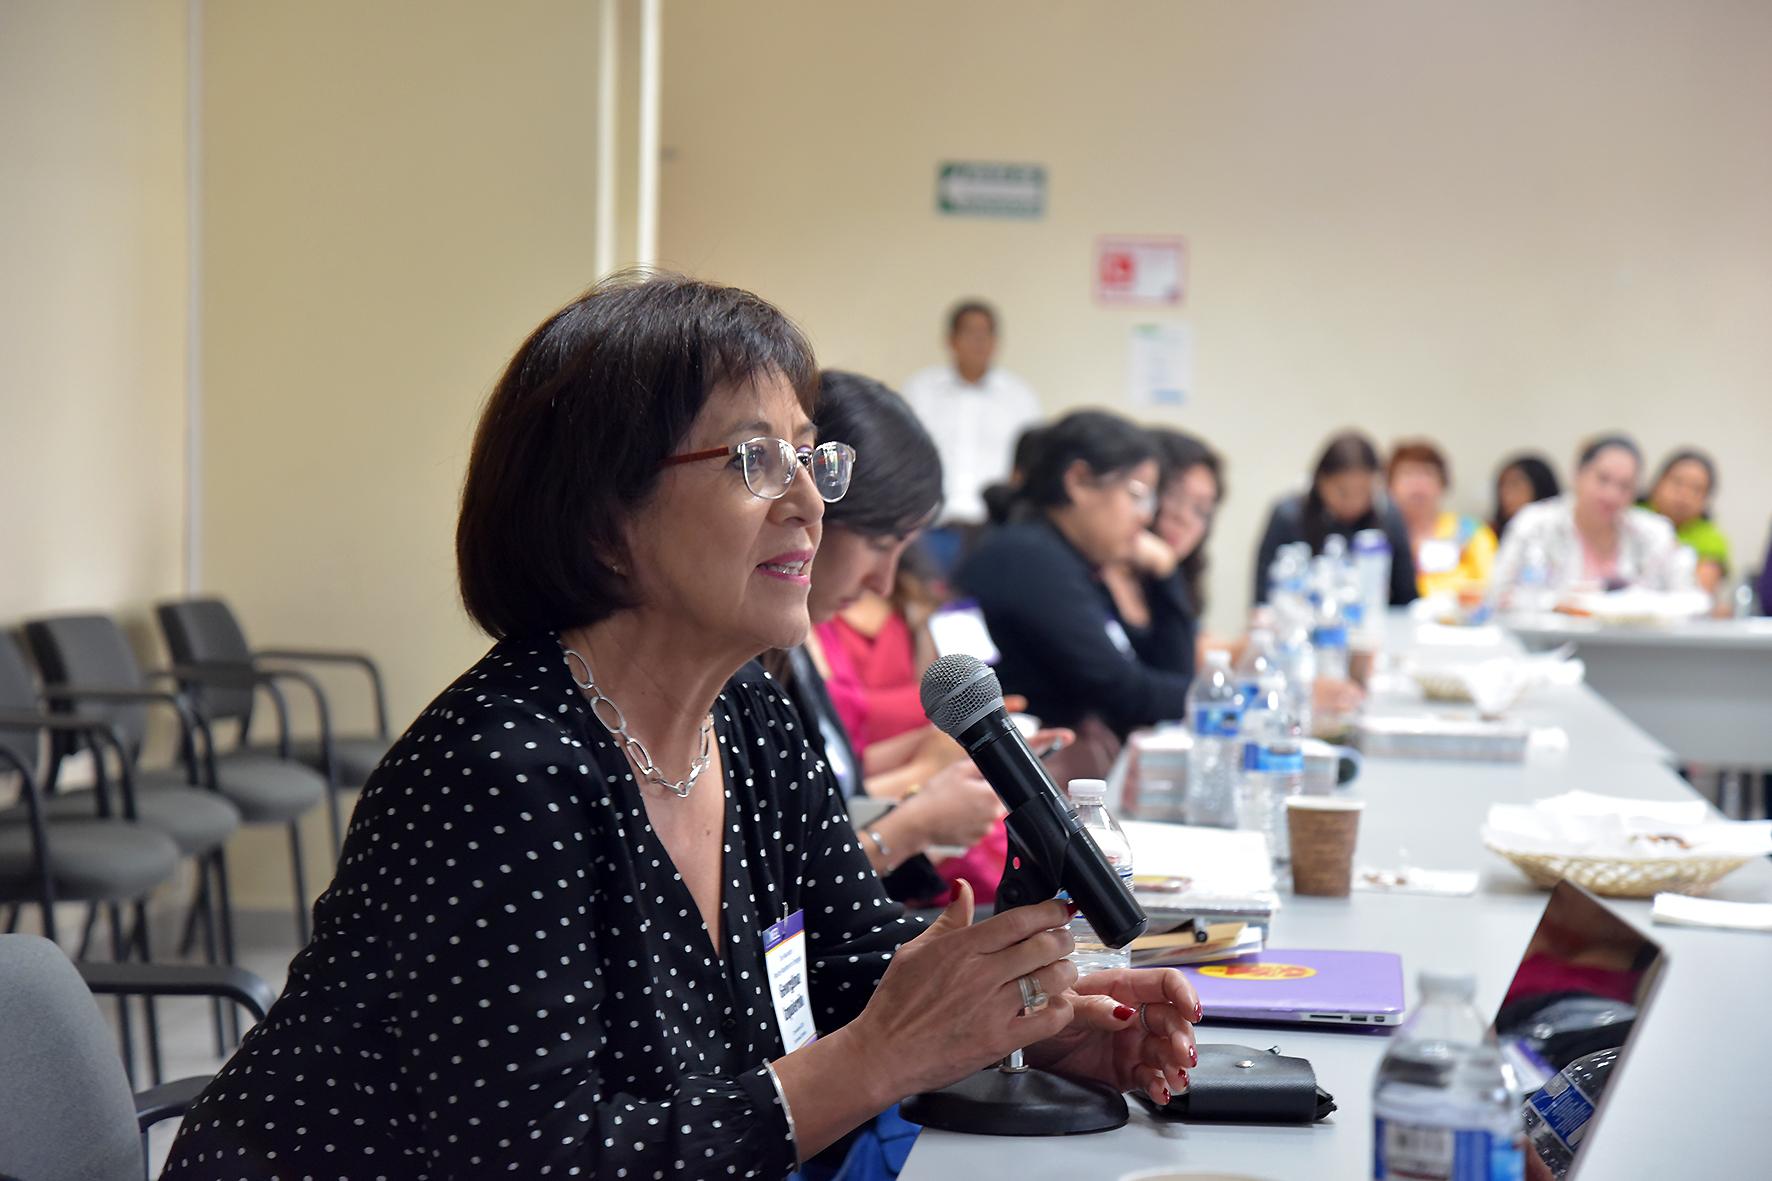 Participantes aportaron sus brillantes ideas para hacer de esta red un mecanismo para atraer a jóvenes y contribuir a fortalecer y beneficiar al #SectorEnergético mexicano.